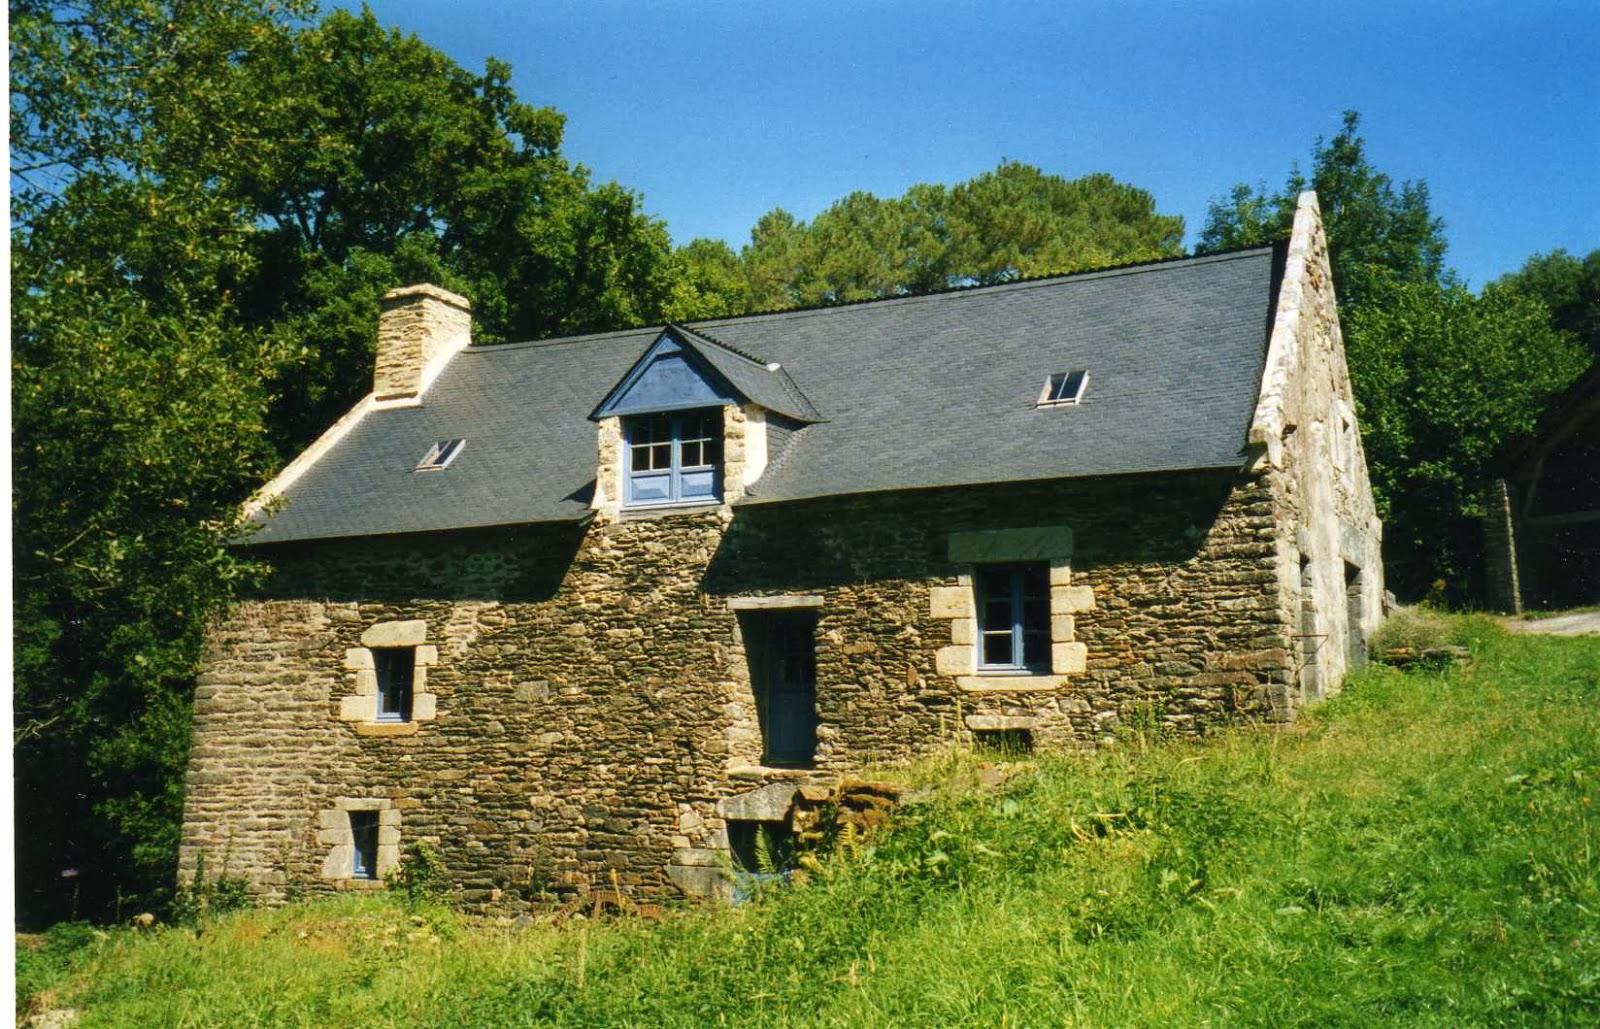 Moulin de Lançay. photo www.moulin-de-lancay.fr